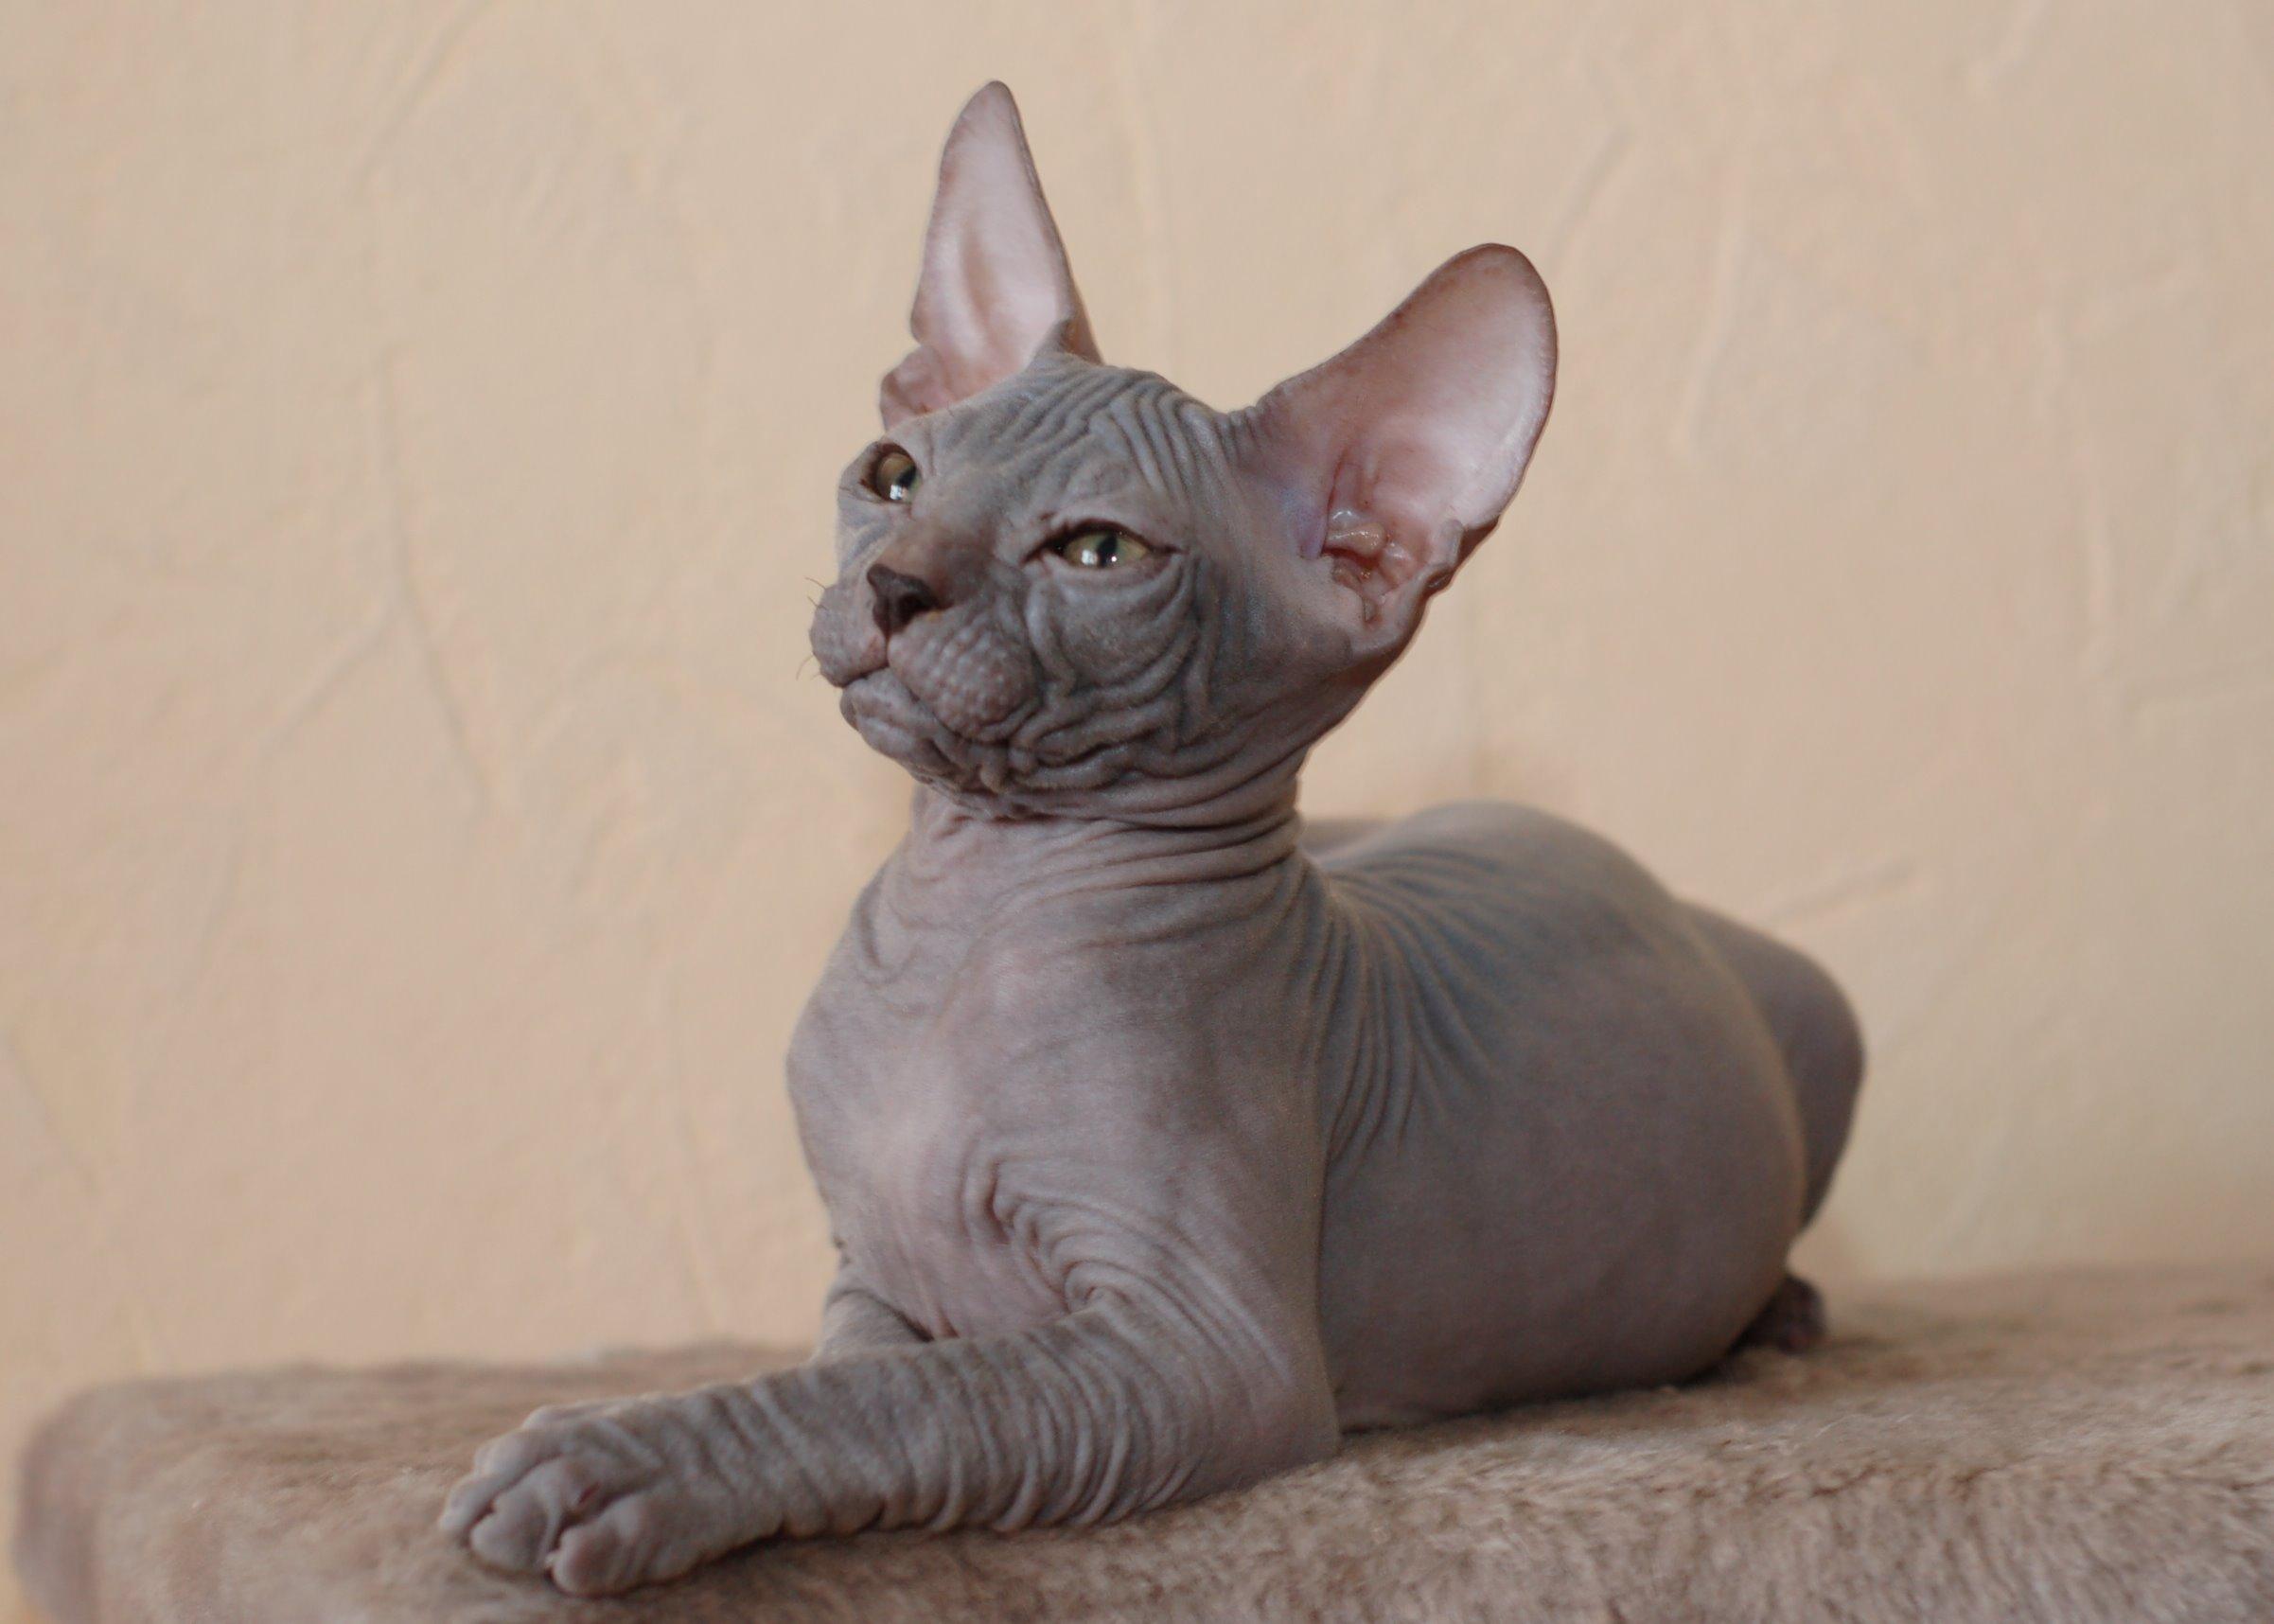 НаСтаврополье из-за долгов владельца арестовали кота